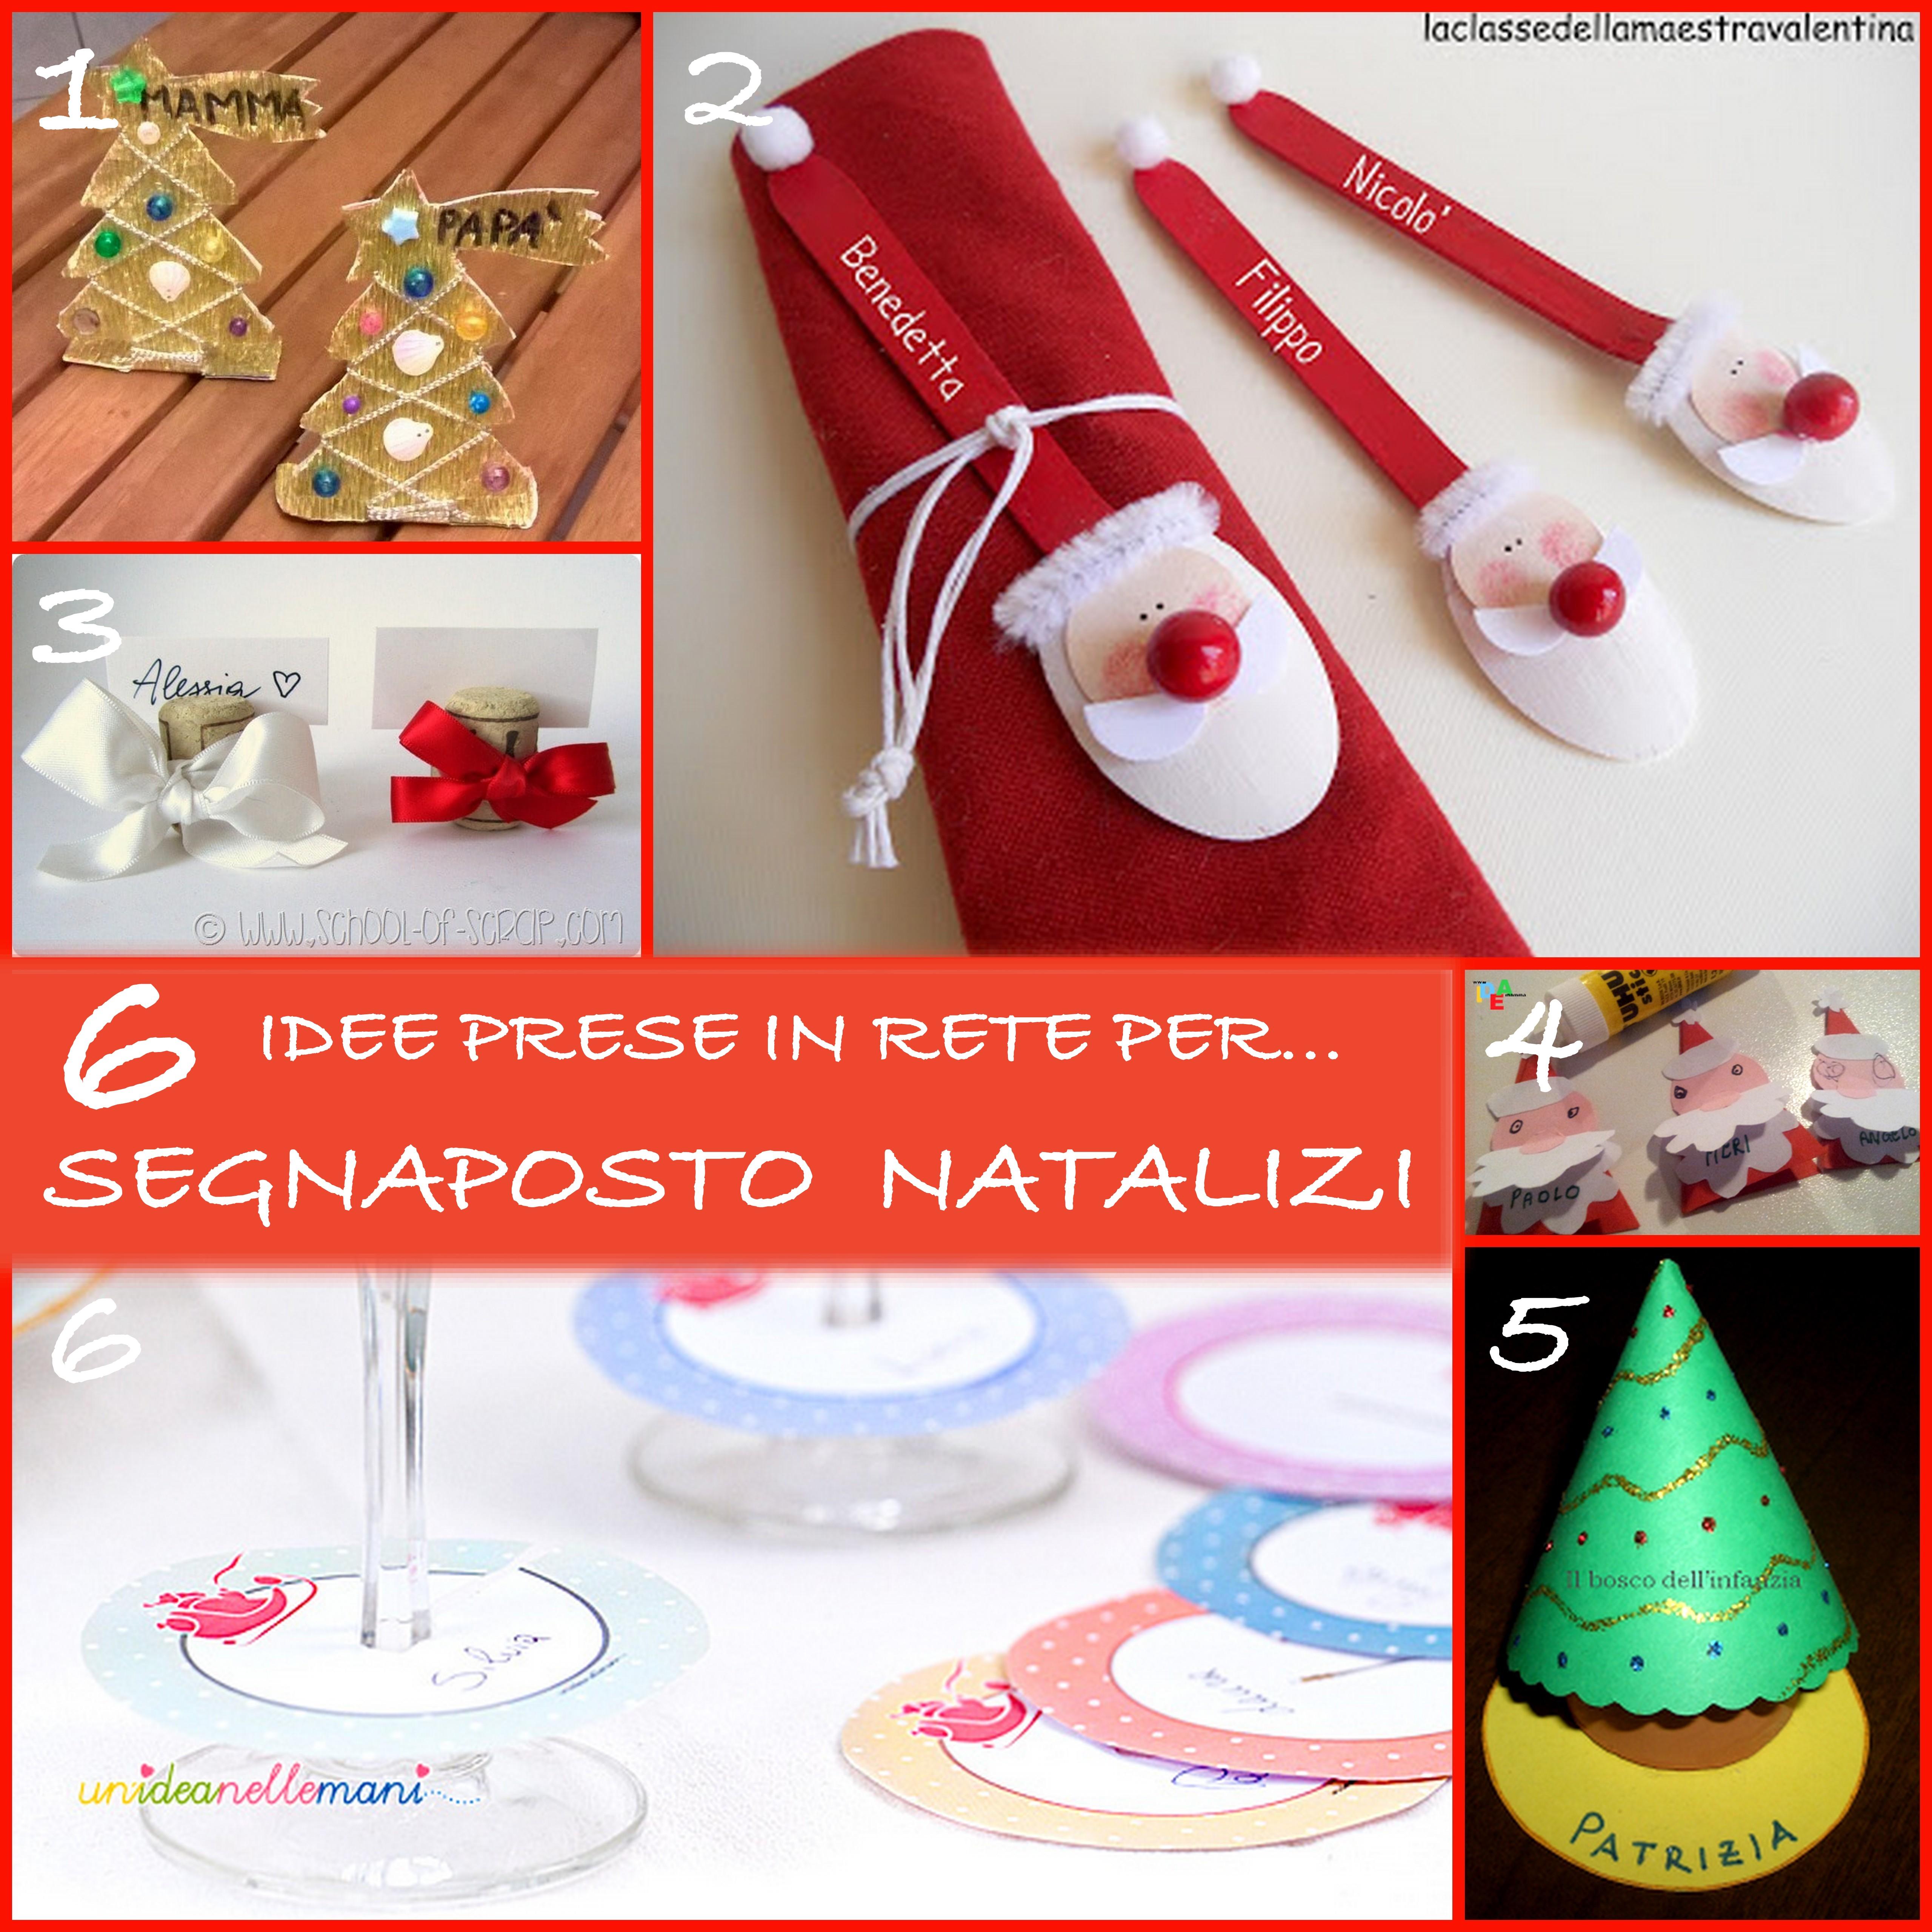 Idee Creative Per Natale 6 idee prese in rete per… segnaposto natalizi fai da te